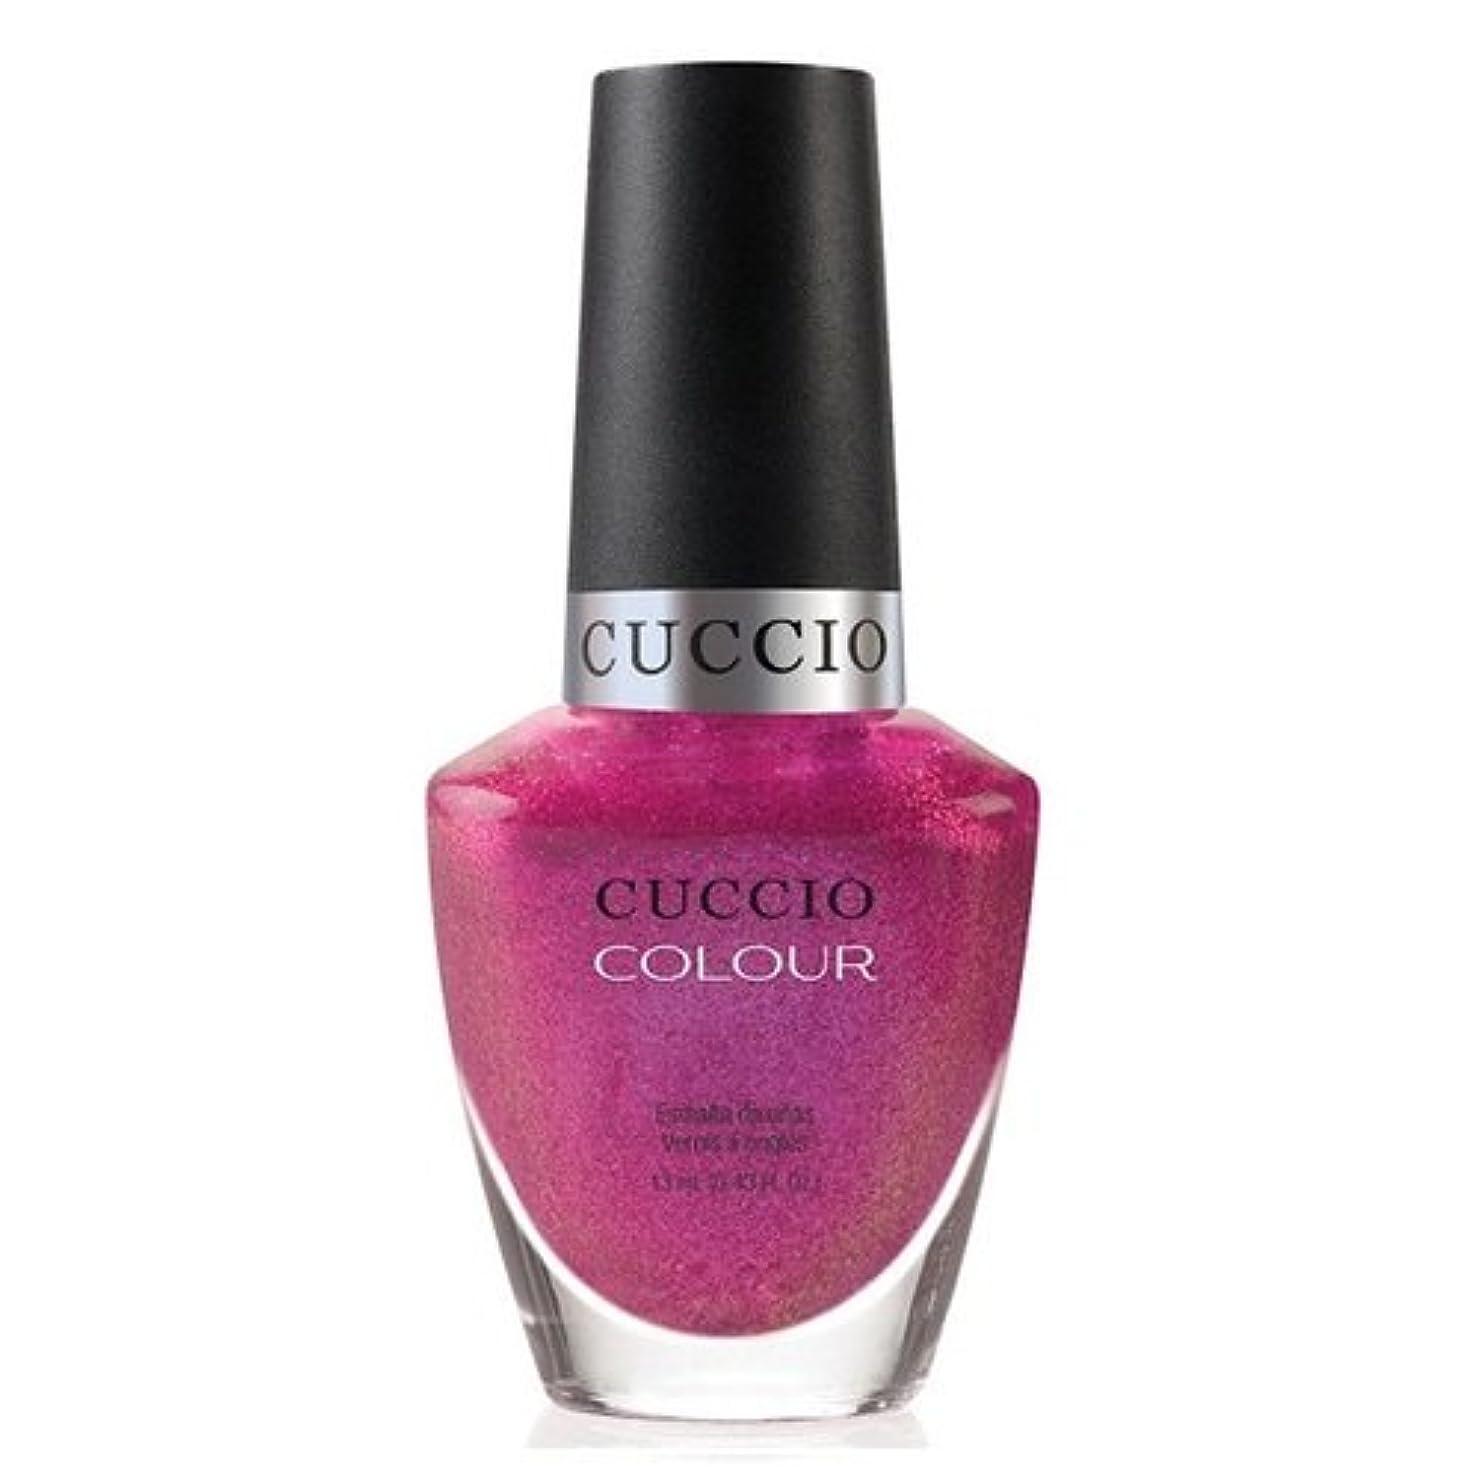 放射する豊富に印象的なCuccio Colour Gloss Lacquer - Femme Fatale - 0.43oz/13ml